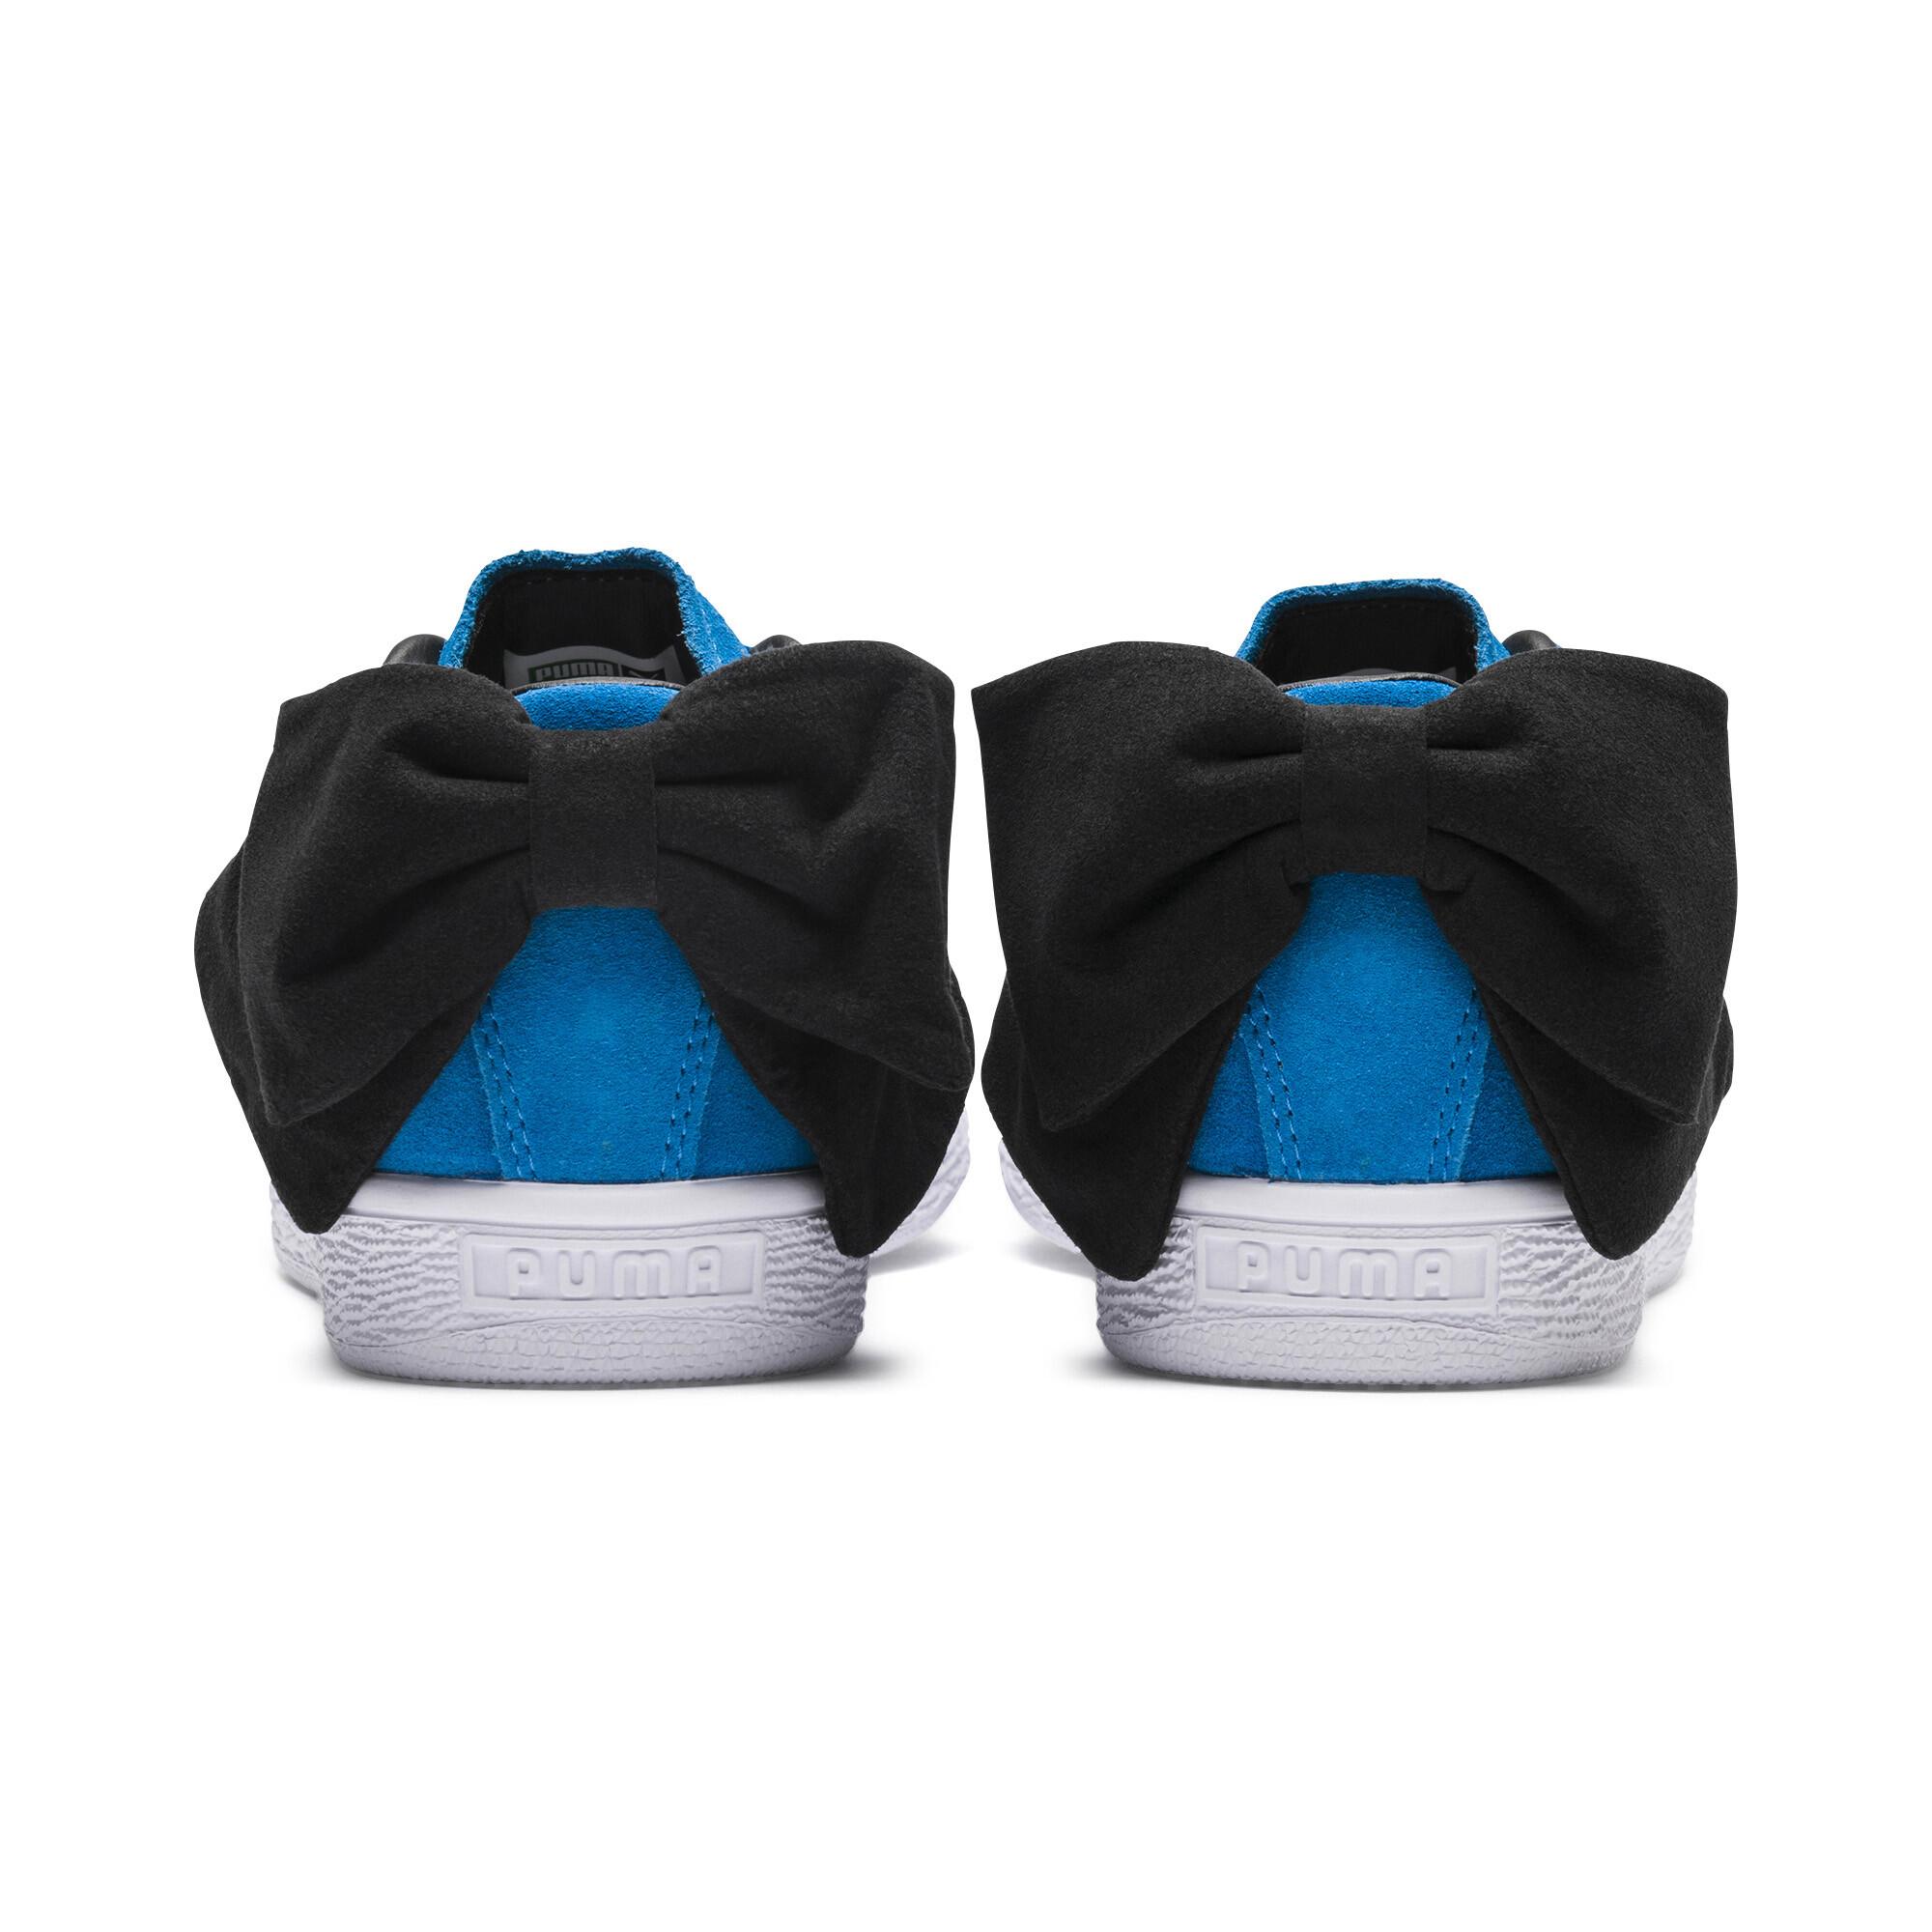 PUMA-Suede-Bow-Block-Damen-Sneaker-Frauen-Schuhe-Sport-Classics-Neu Indexbild 9